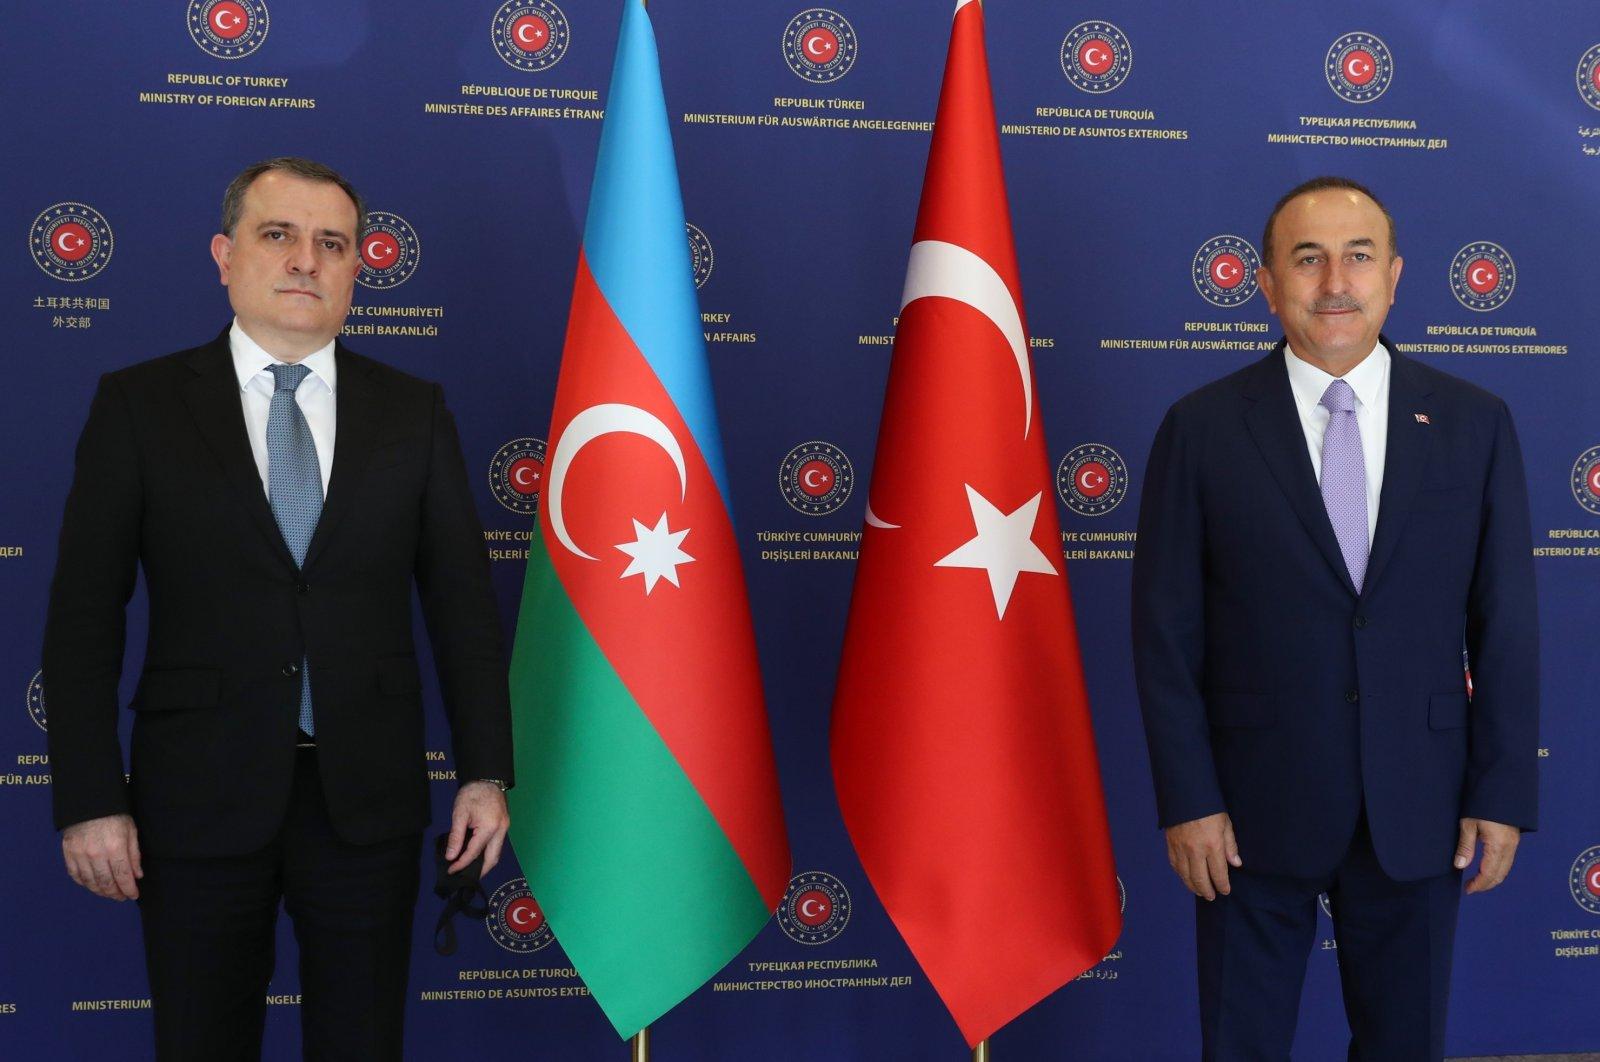 Foreign Minister Mevlüt Çavuşoğlu (R) with Azerbaijani Foreign Minister Jeyhun Bayramov in Ankara, Aug. 11, 2020. (AA Photo)